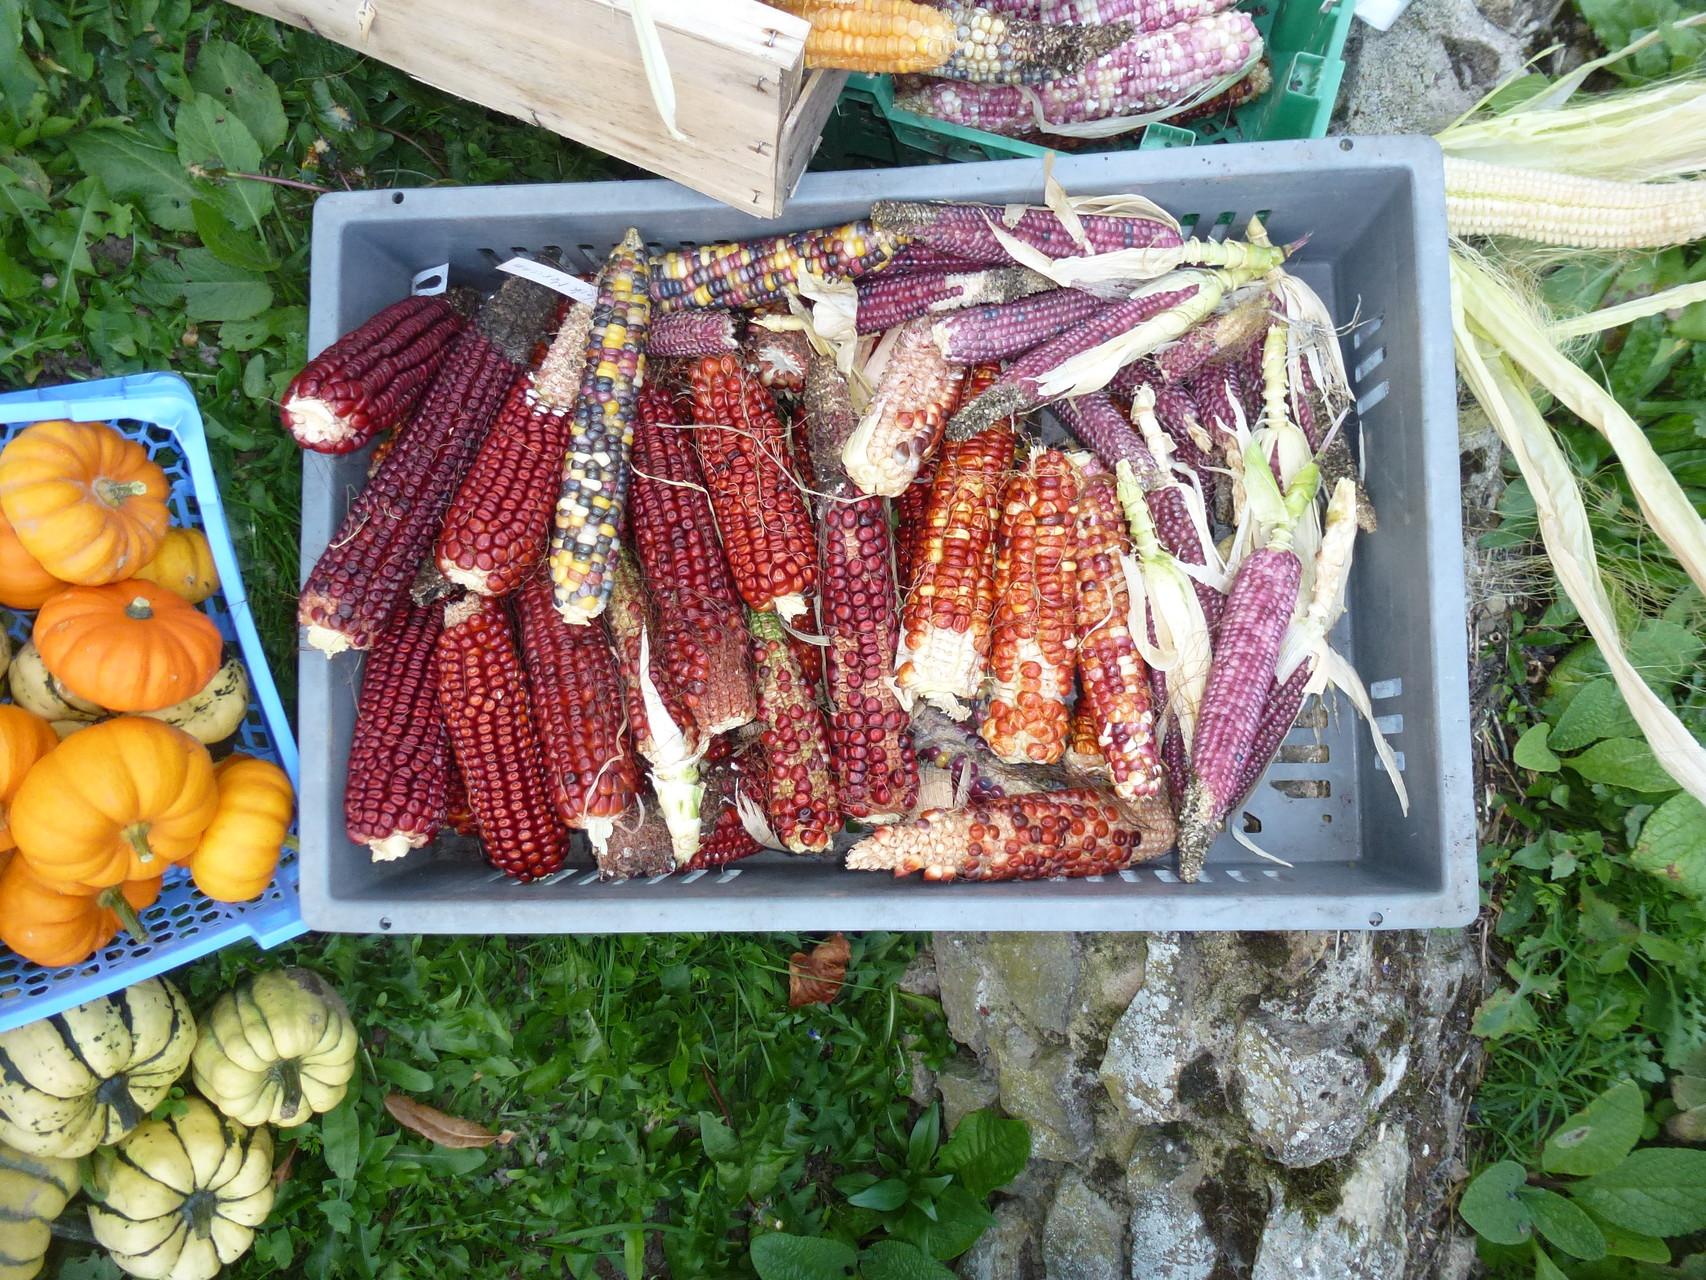 Maïs fraise pop corn du jardin Alônsys